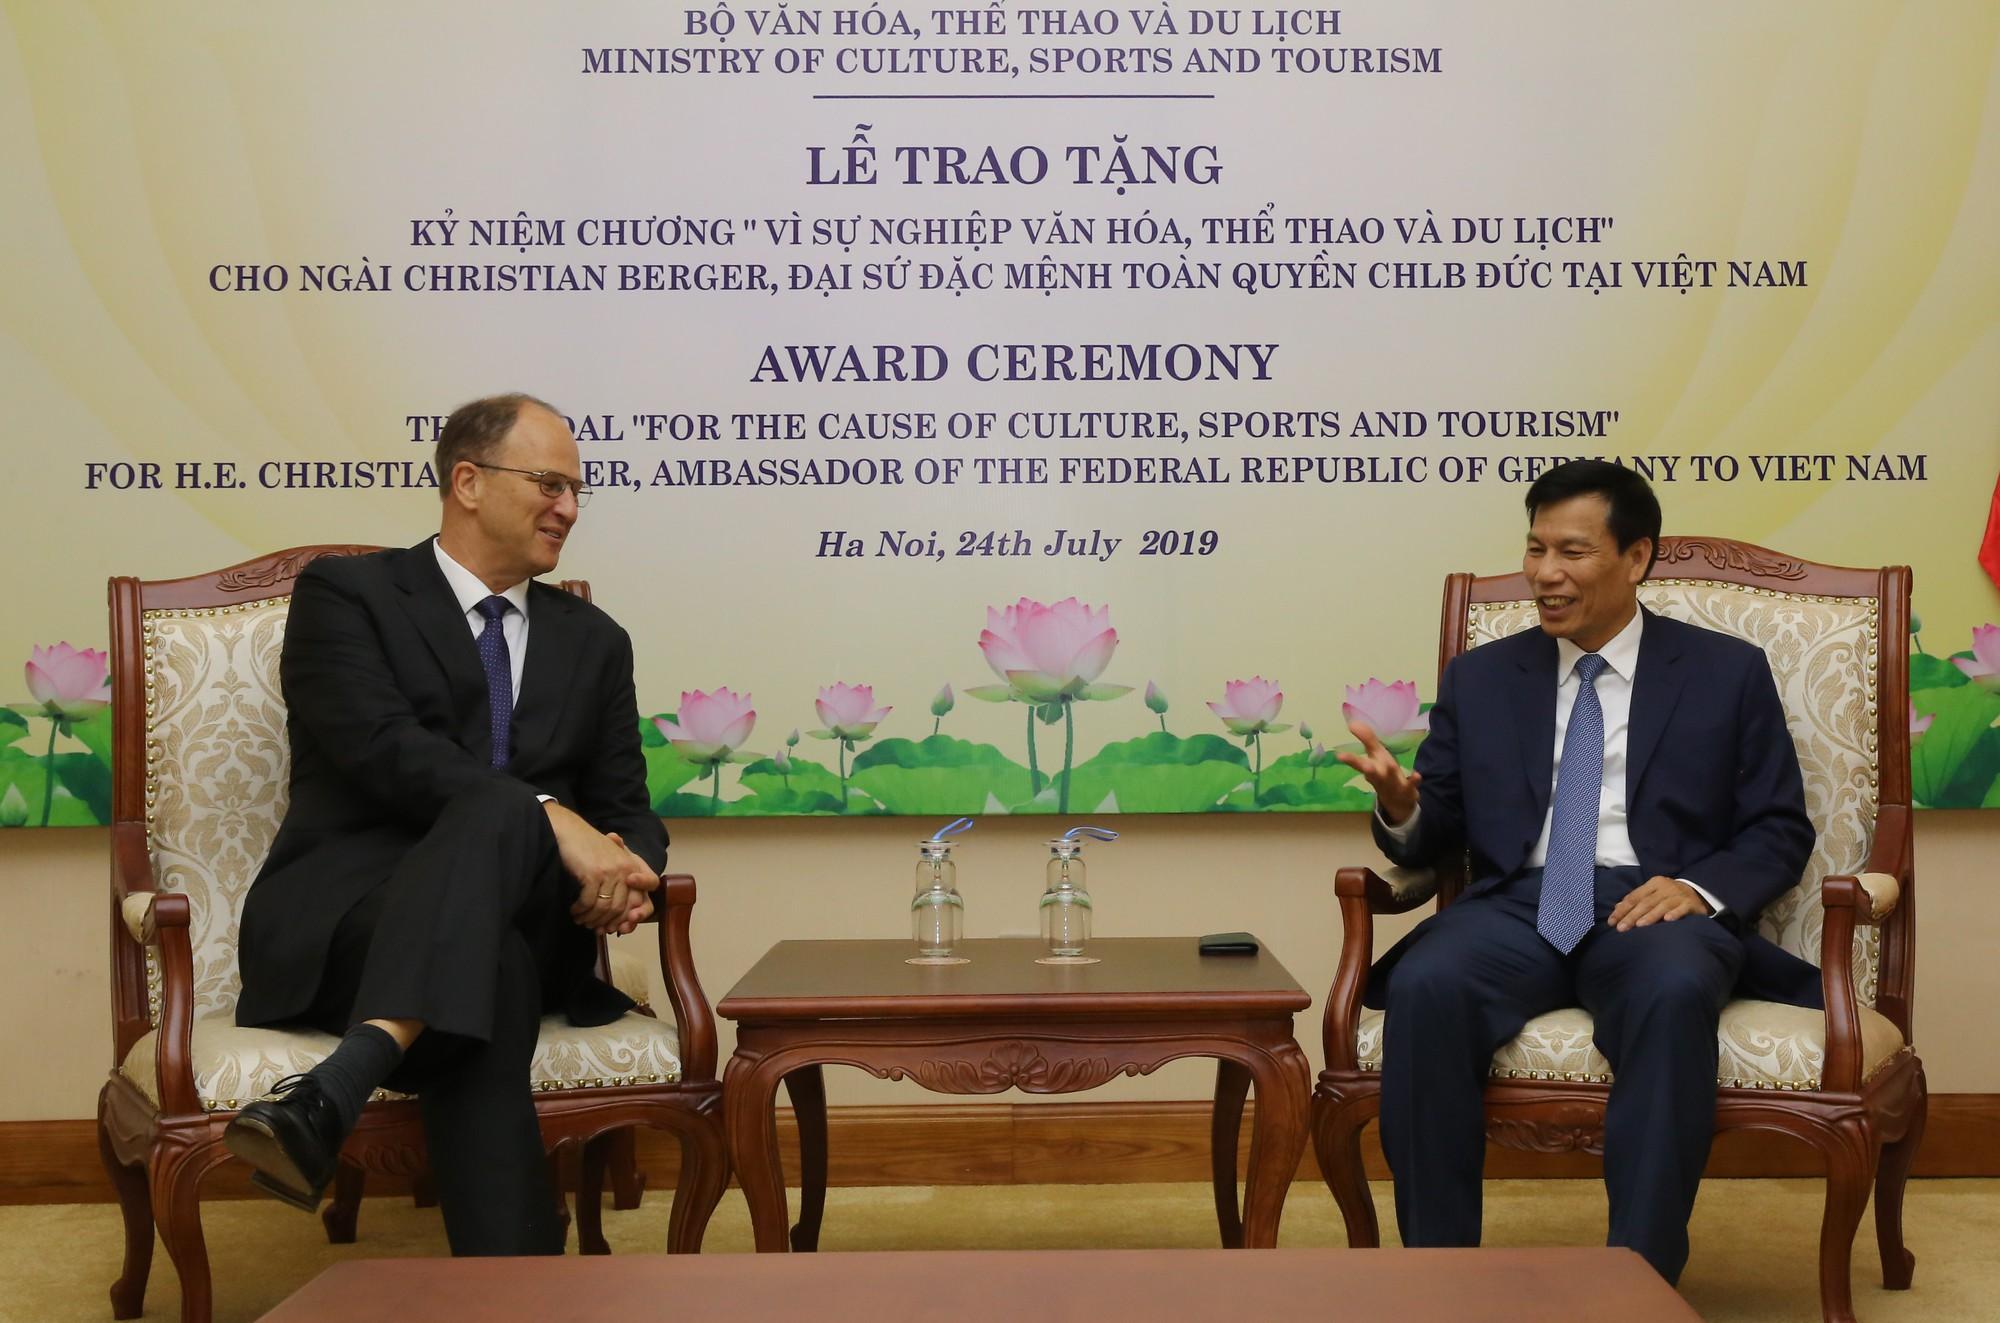 Bộ trưởng Nguyễn Ngọc Thiện ghi nhận những đóng góp của ngài Christian Berger – Đại sứ đặc mệnh toàn quyền CHLB Đức tại Việt Nam.